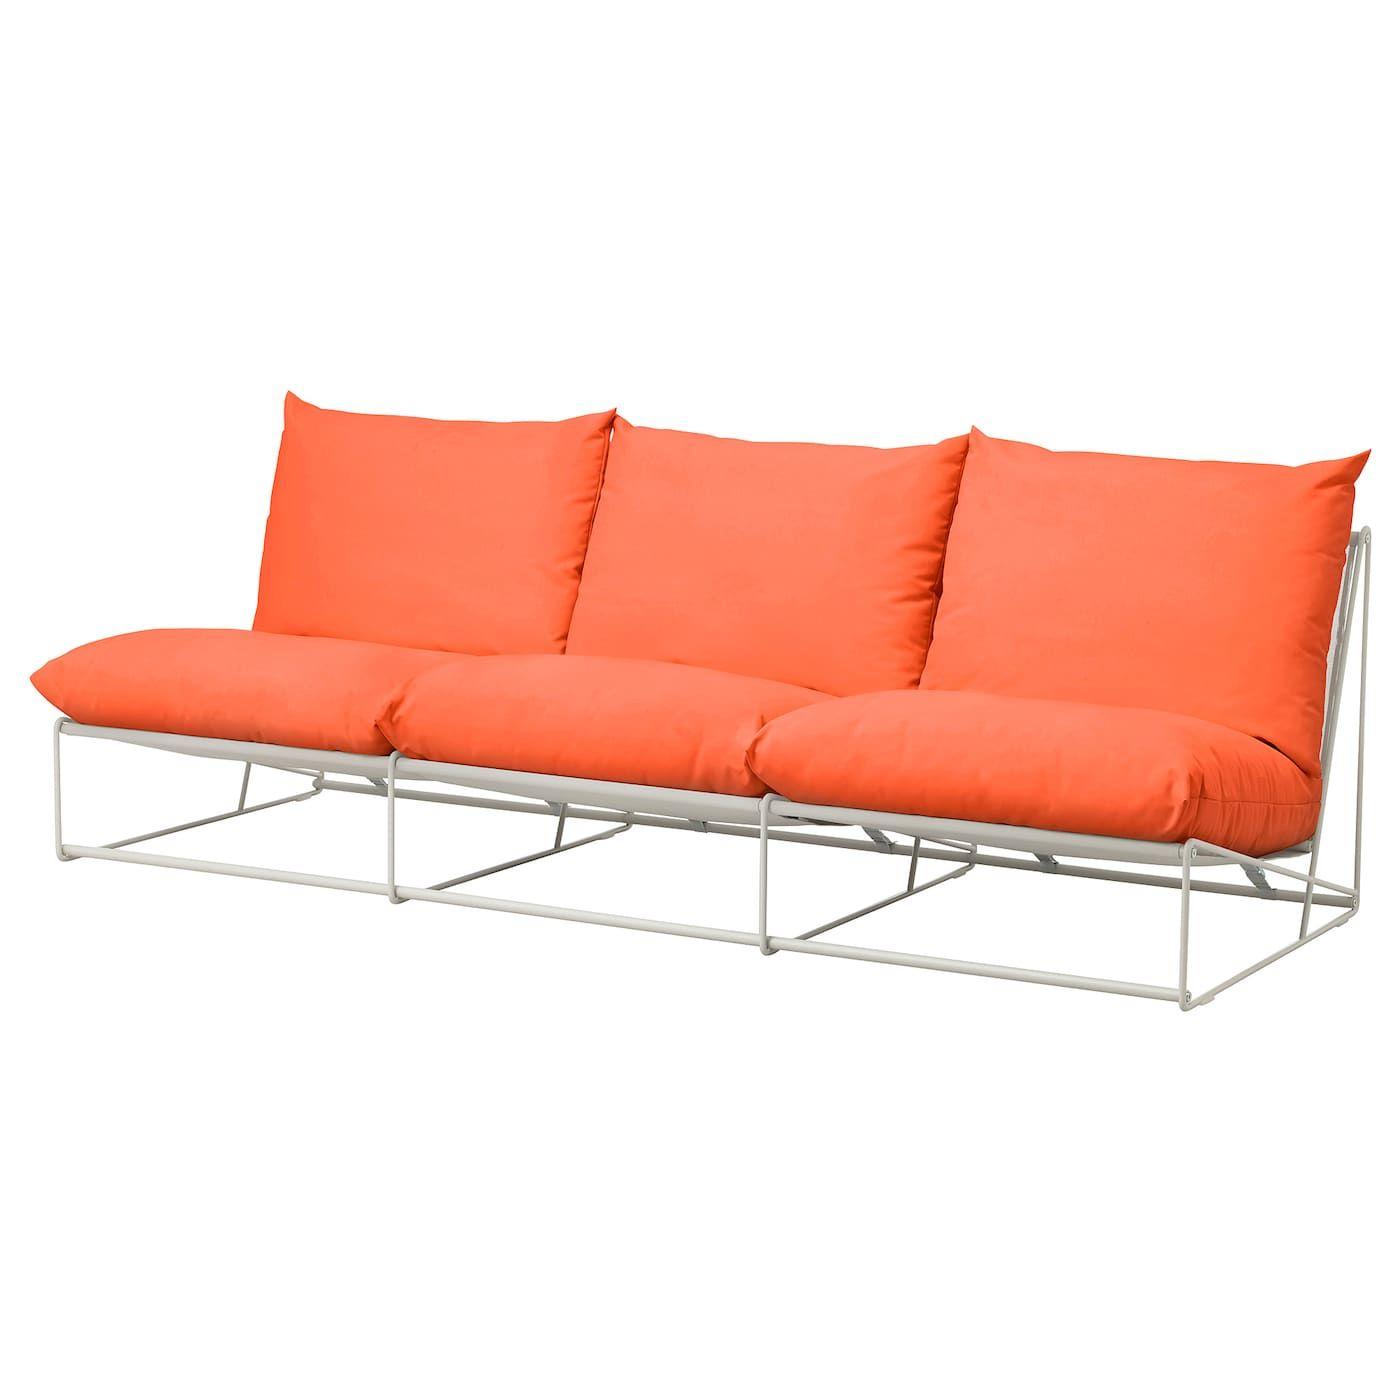 Havsten 3er Sofa Drinnen Draussen Ohne Armlehnen Orange Beige Ikea Osterreich 3er Sofa Kissen Sofa Und Outdoor Sofa